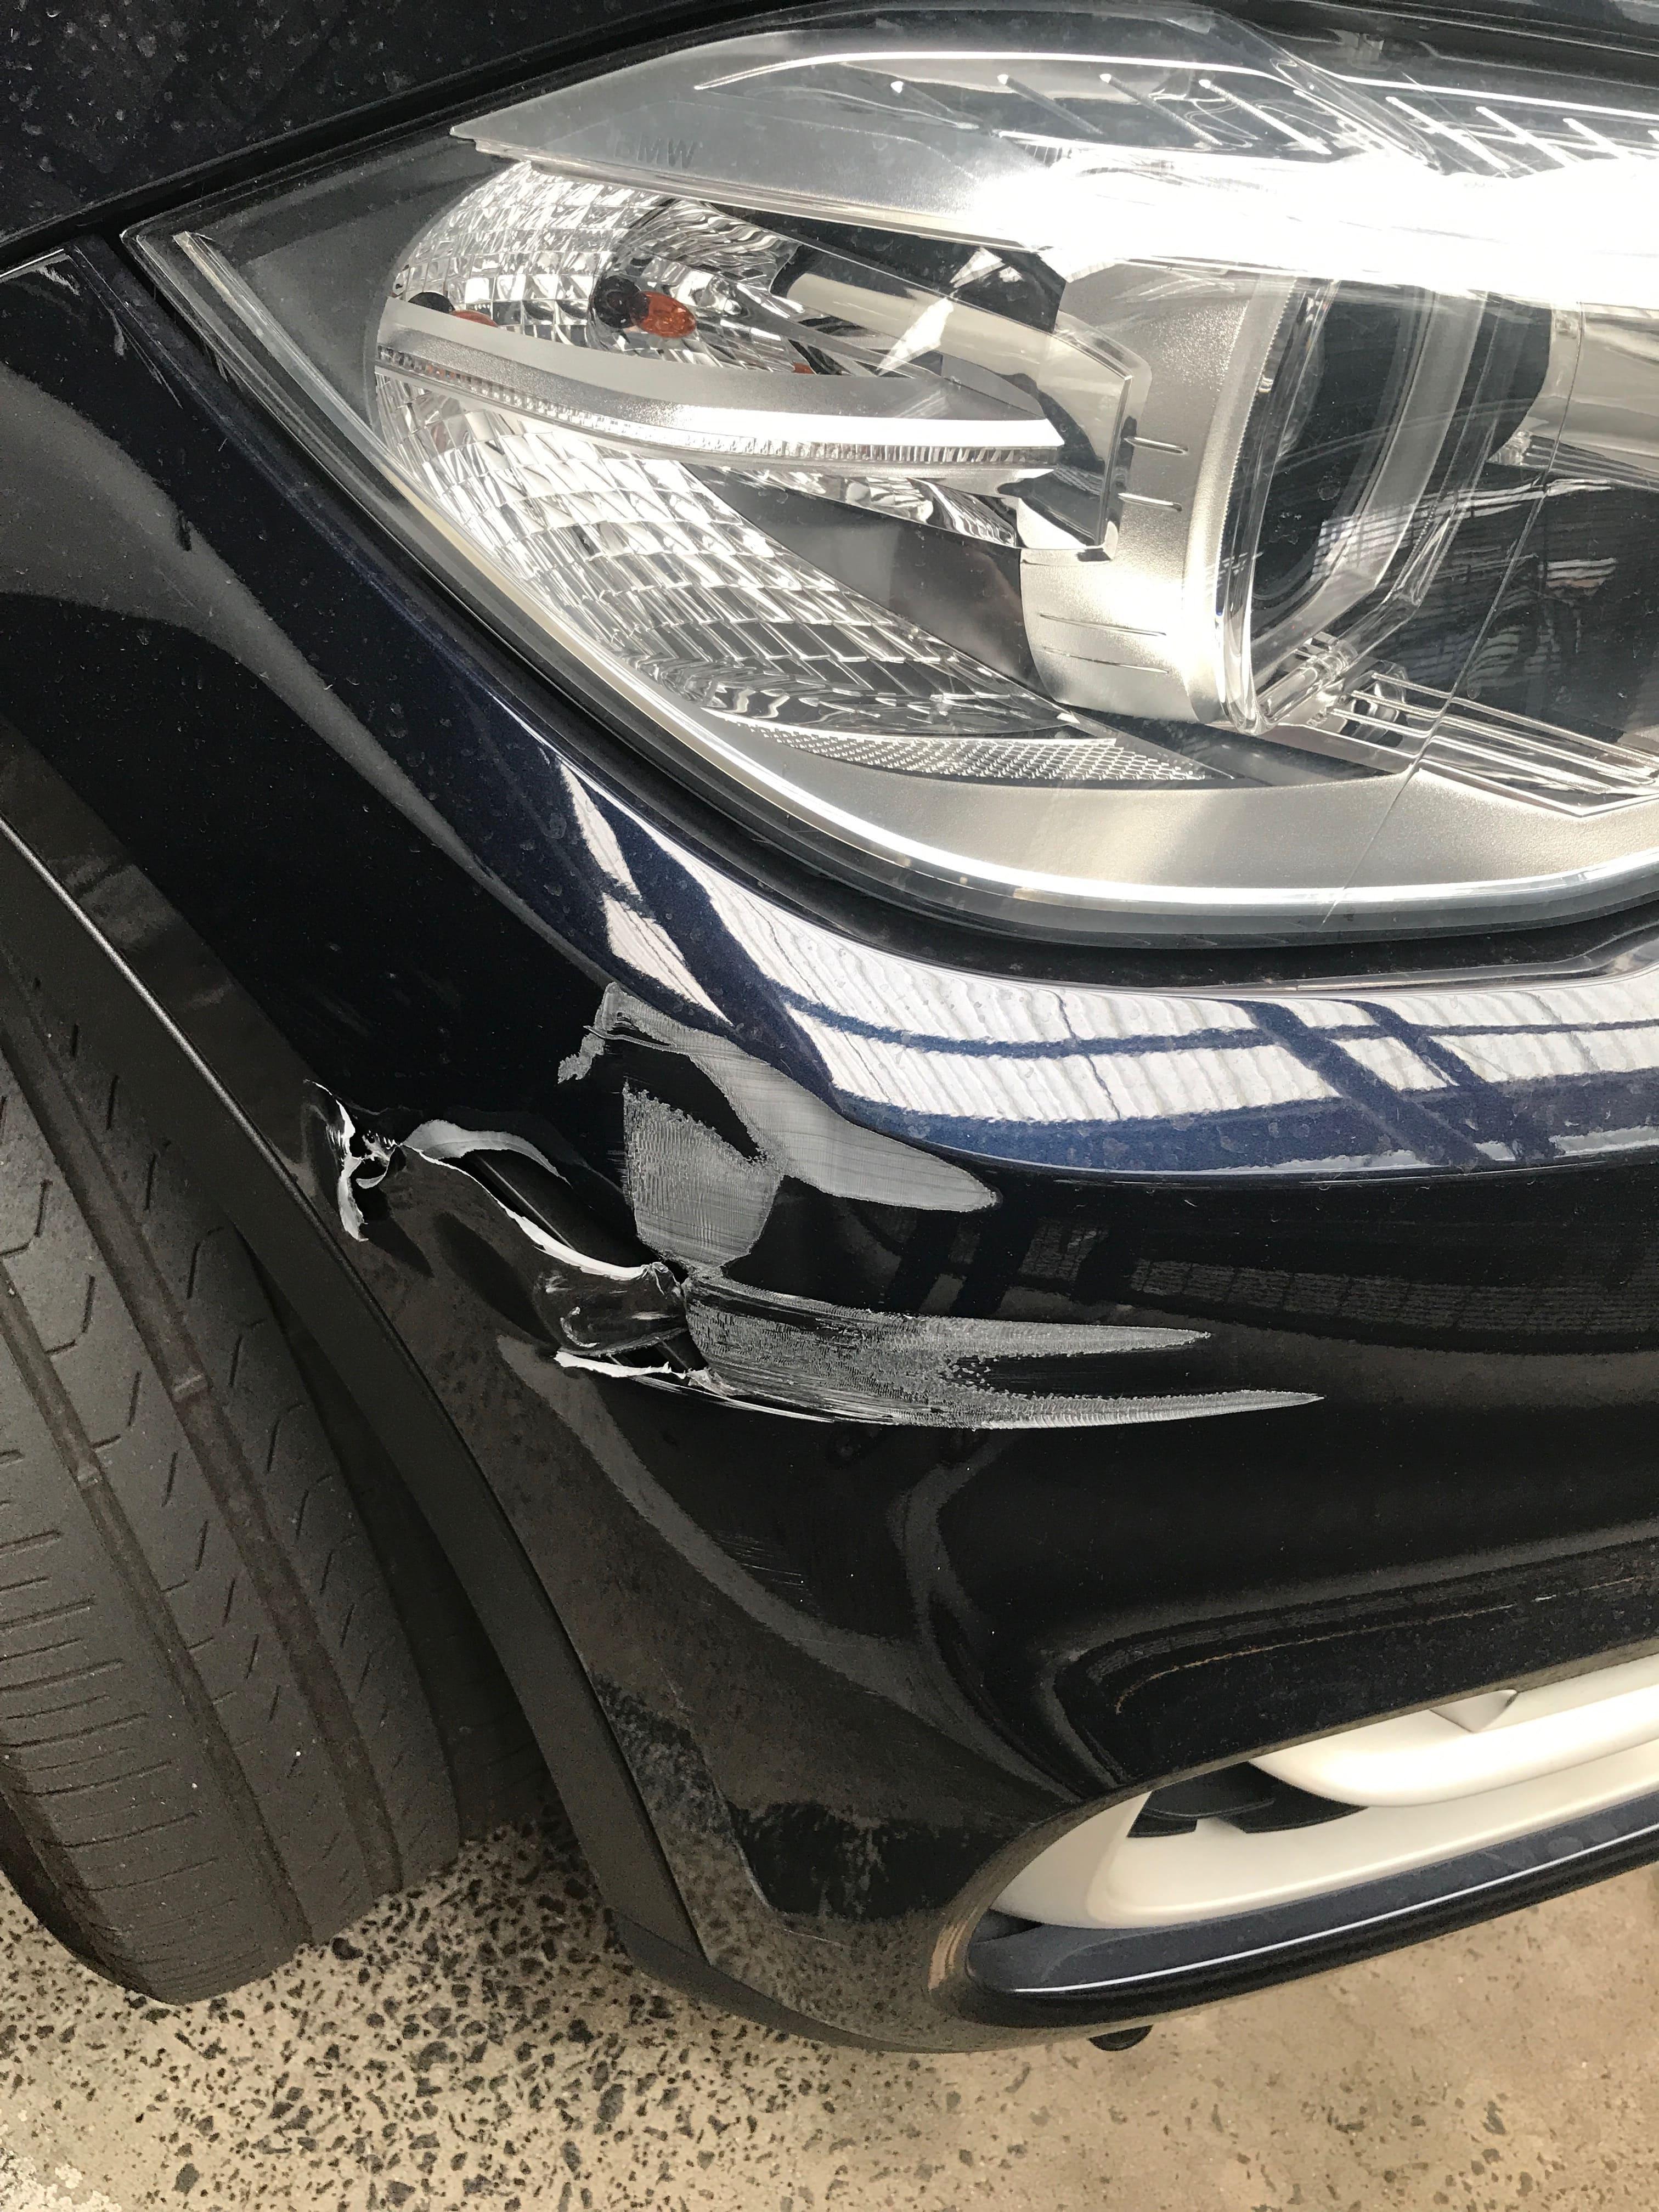 BMW - Bumper Repair - Mobile Car Scratch Repair